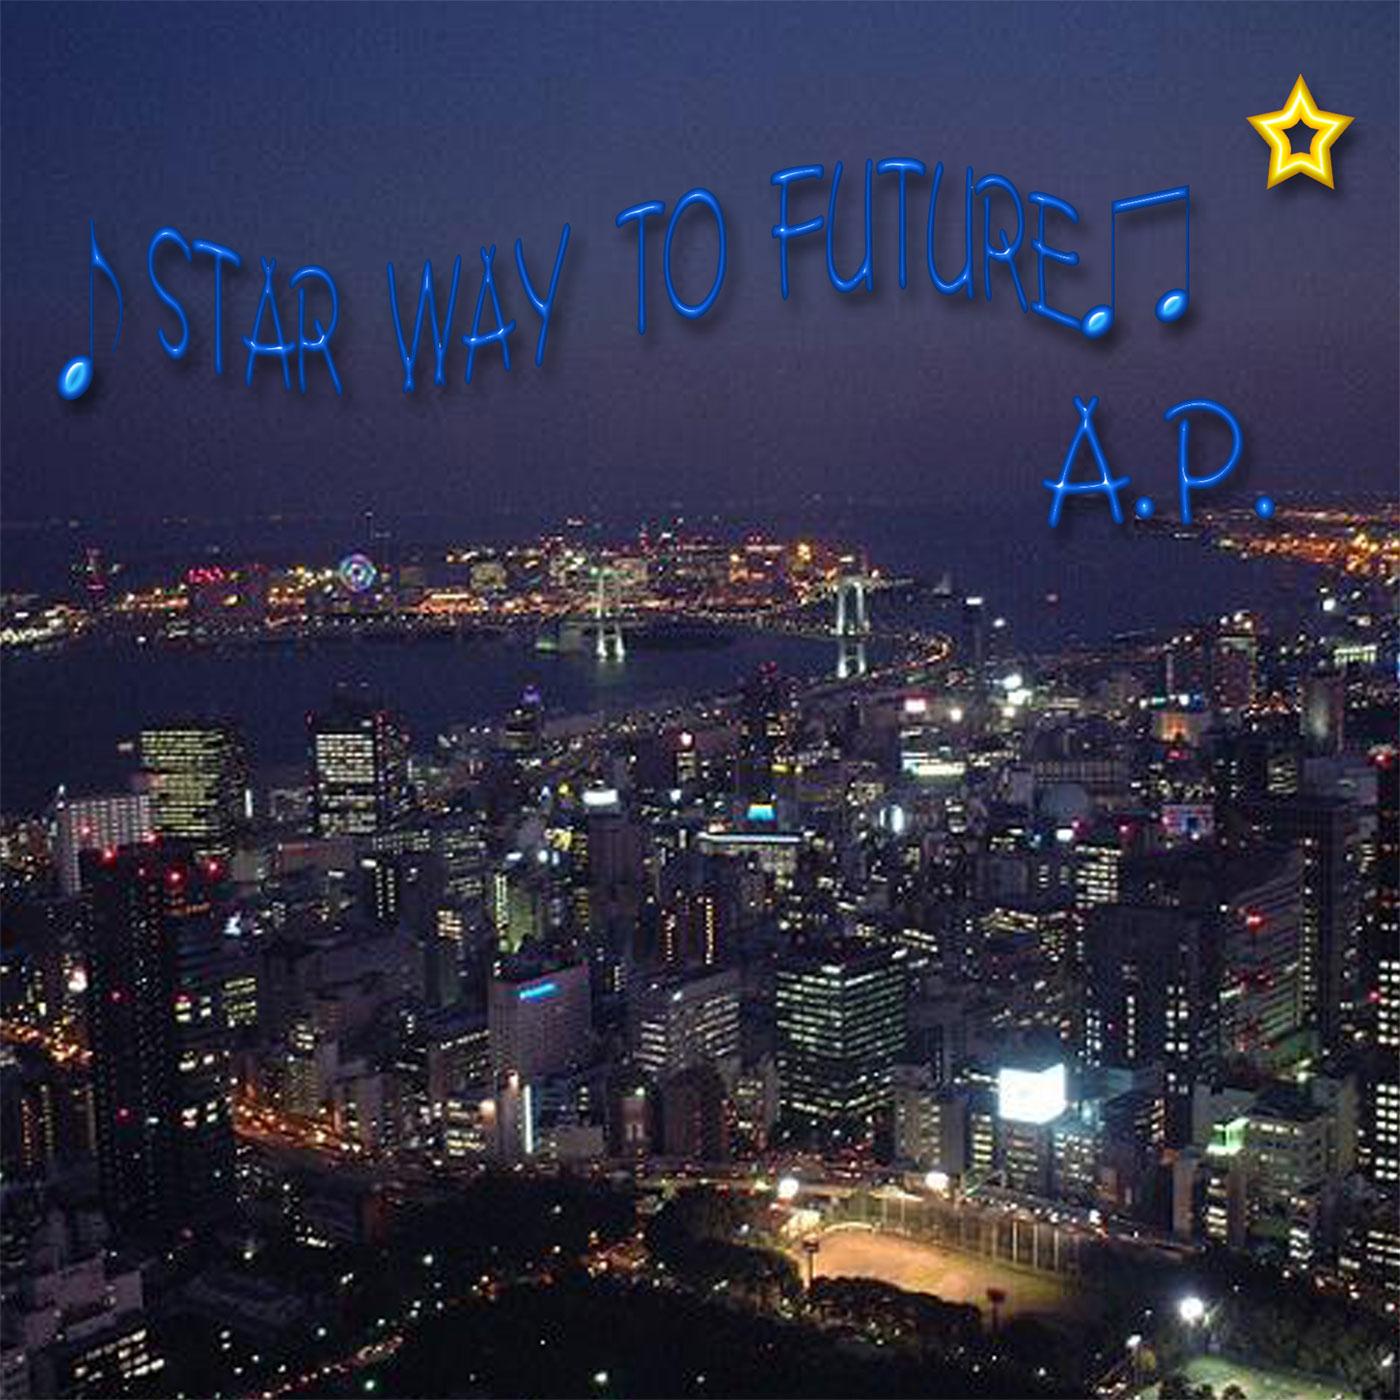 STAR WAY TO FUTURE(Aji MIX)